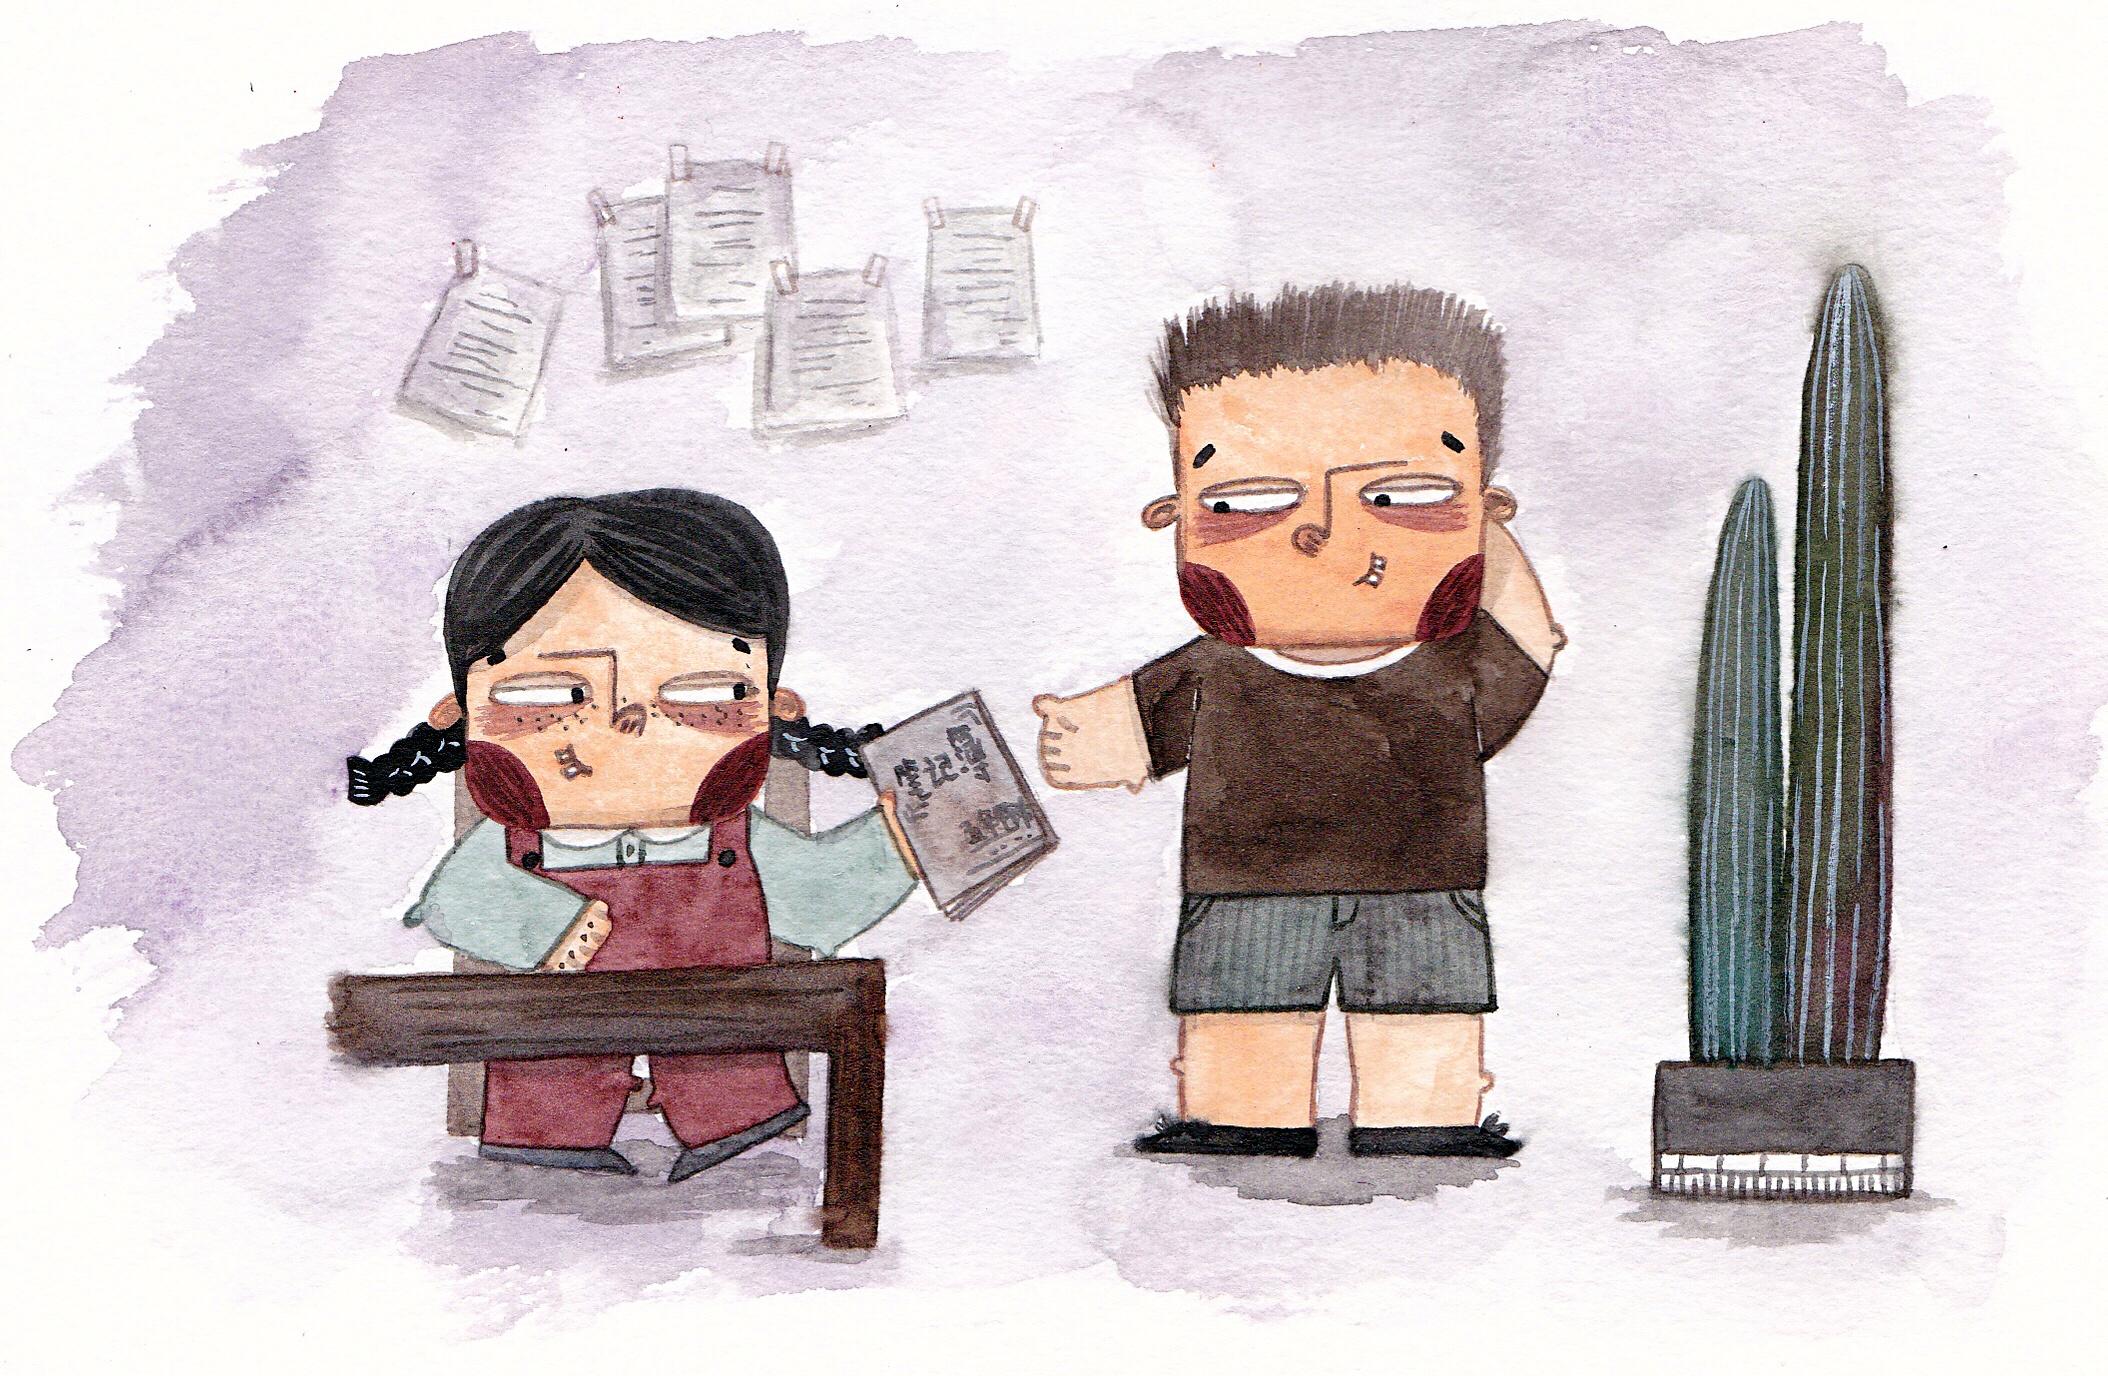 �m��O8_小屁孩时追女生那些蠢蠢的小事|插画|儿童插画|白蜷